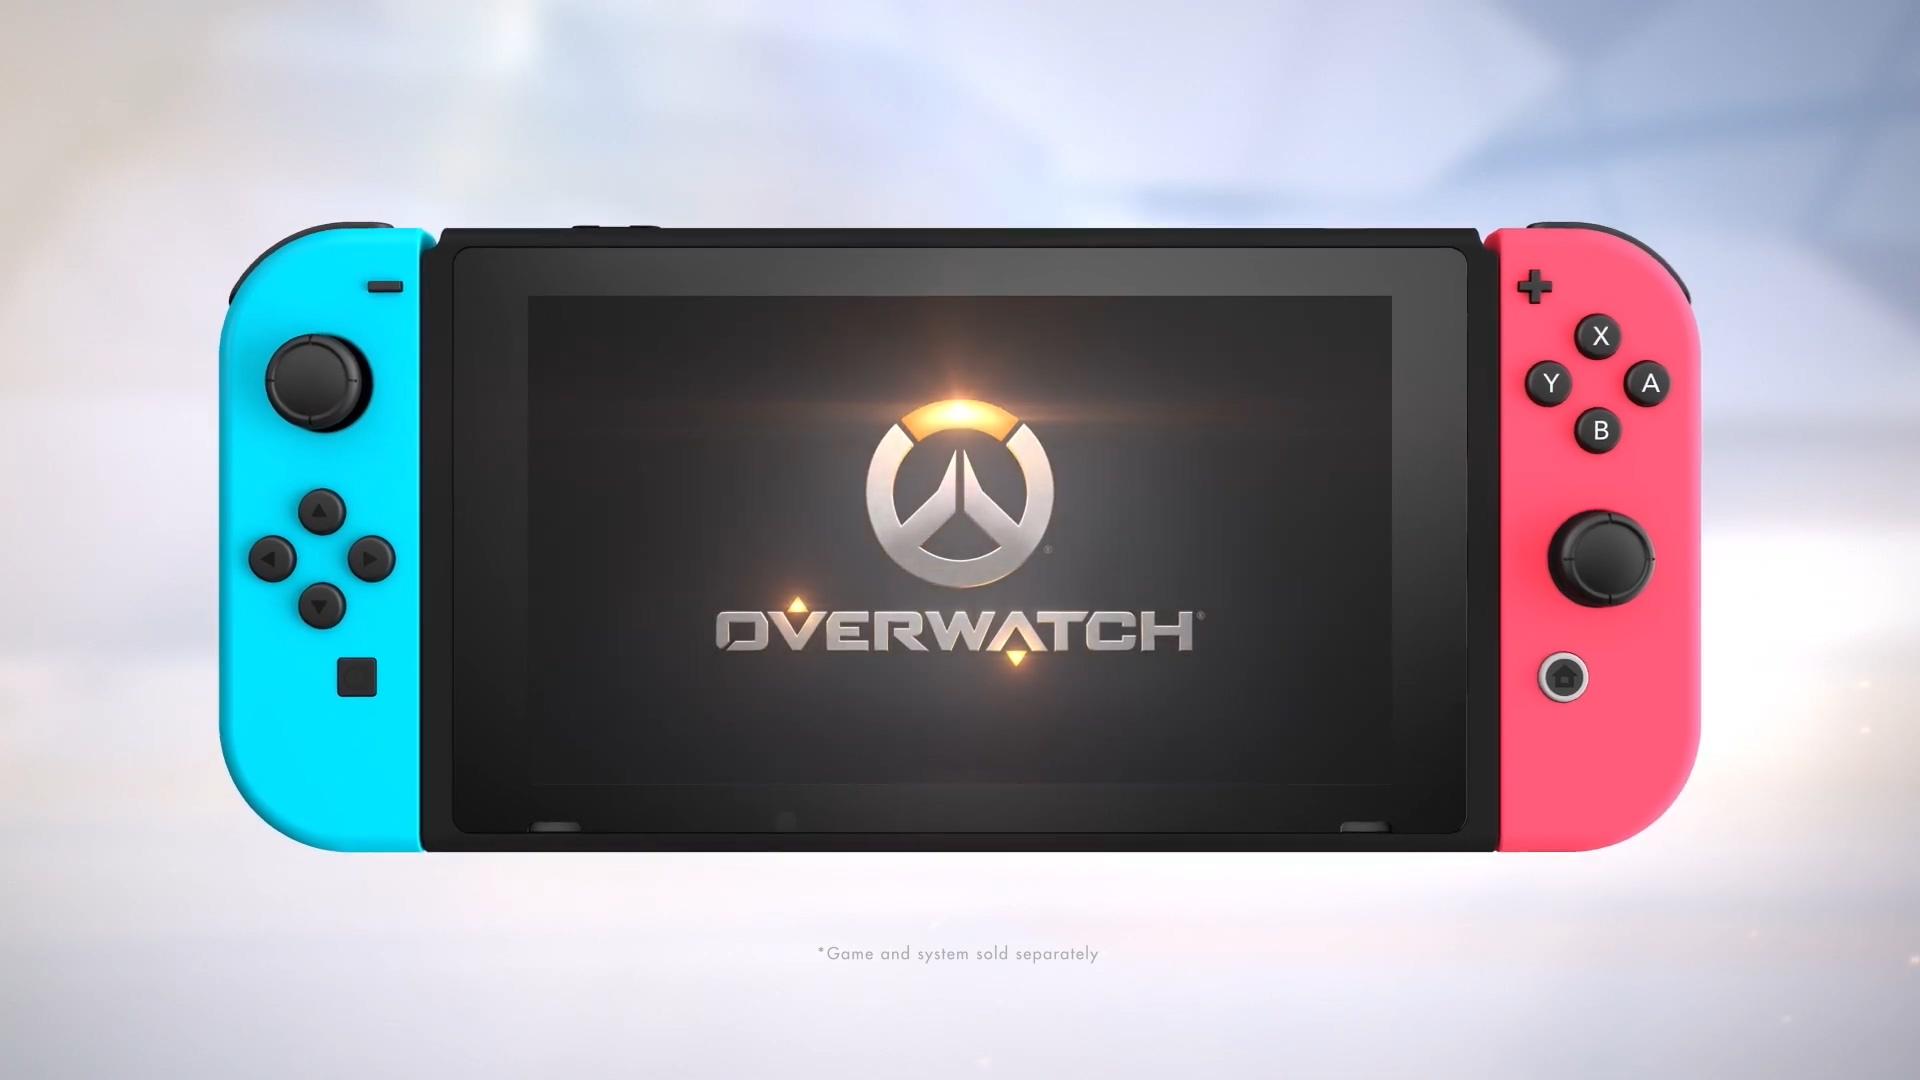 原创不出所料暴雪宣布《守望先锋:传奇版》登陆Switch平台